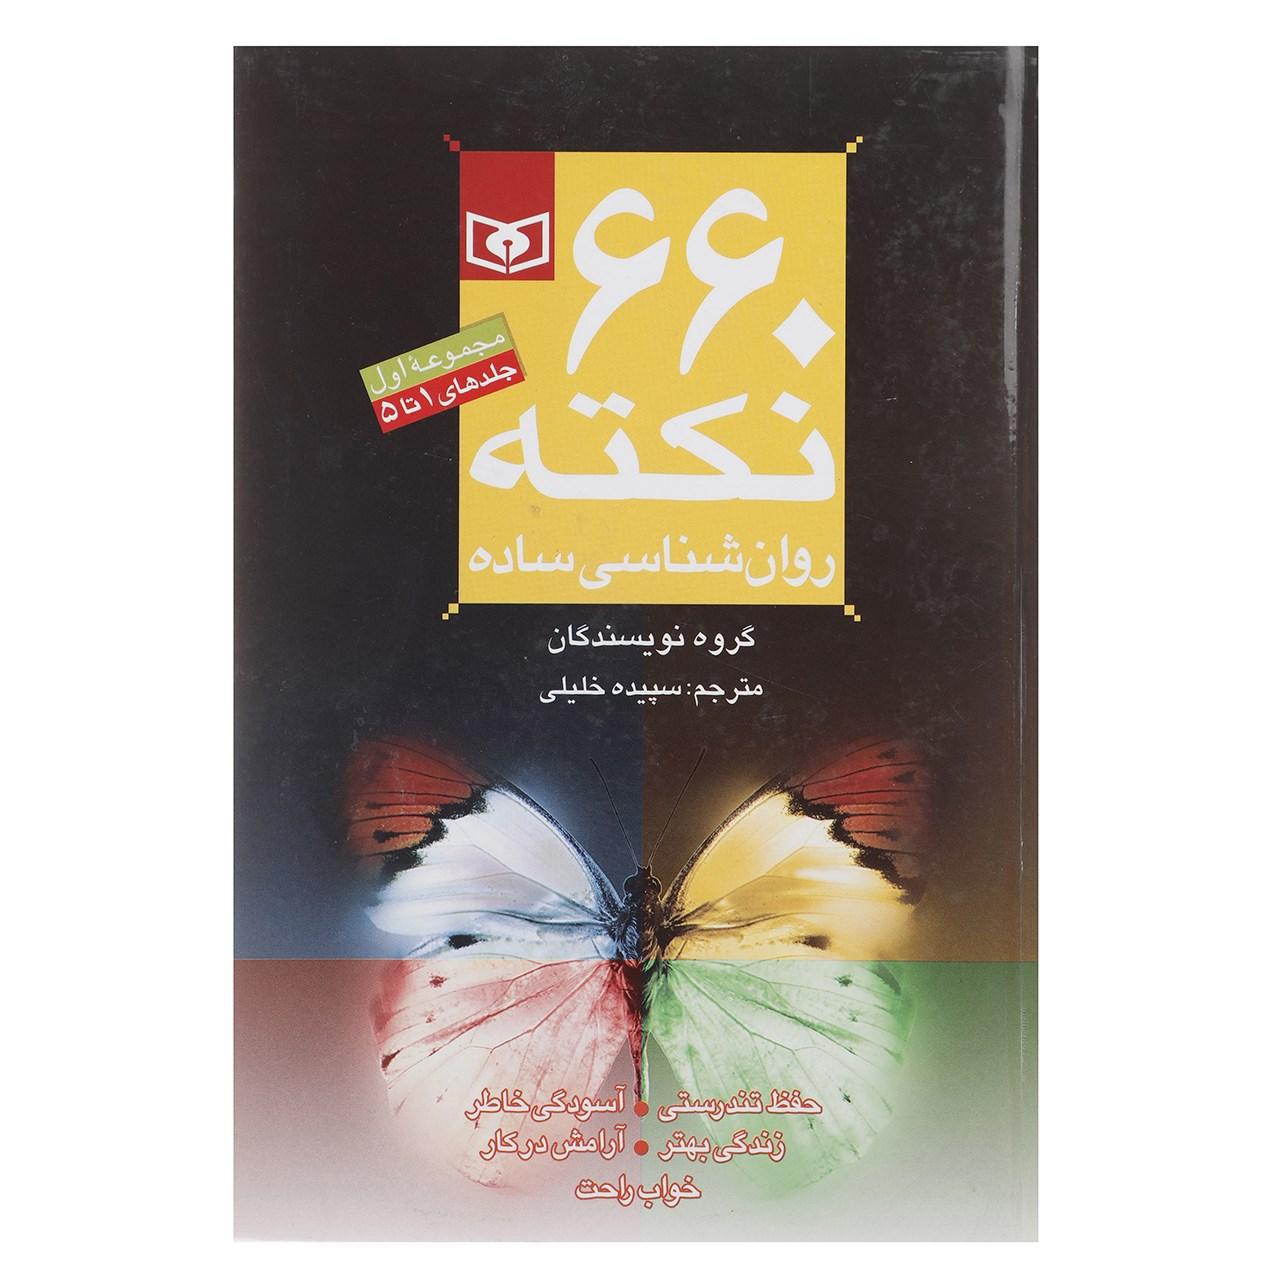 خرید                      کتاب 660 نکته روان شناسی ساده اثر پنلوپ ساچ - مجموعه اول